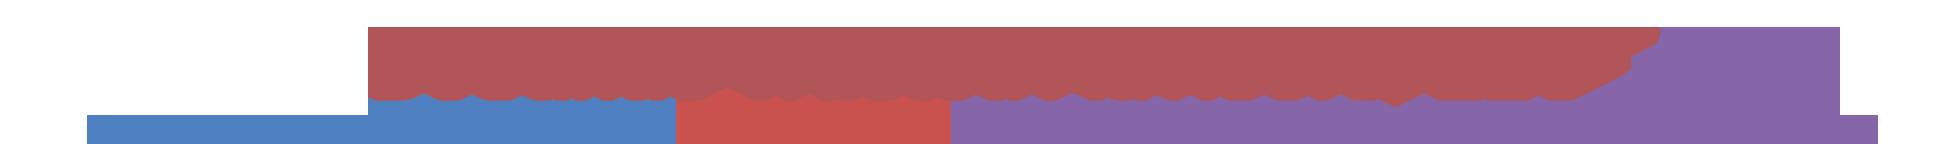 DeSantis Trusted Advisors Logo